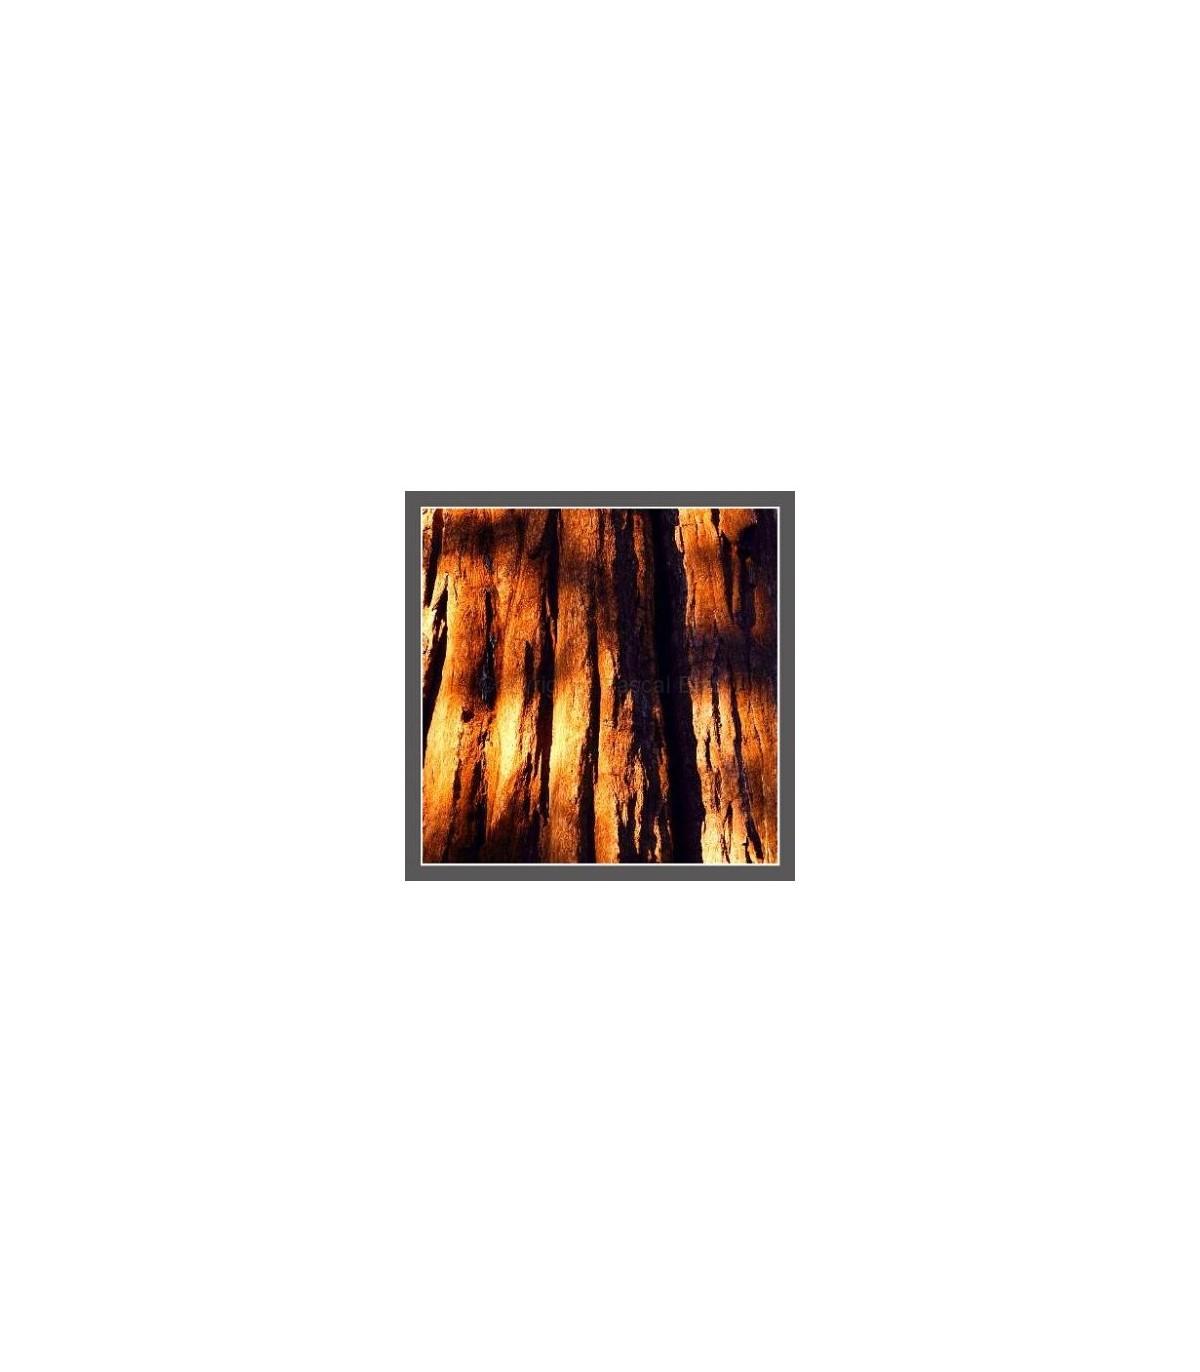 Photo sequoia